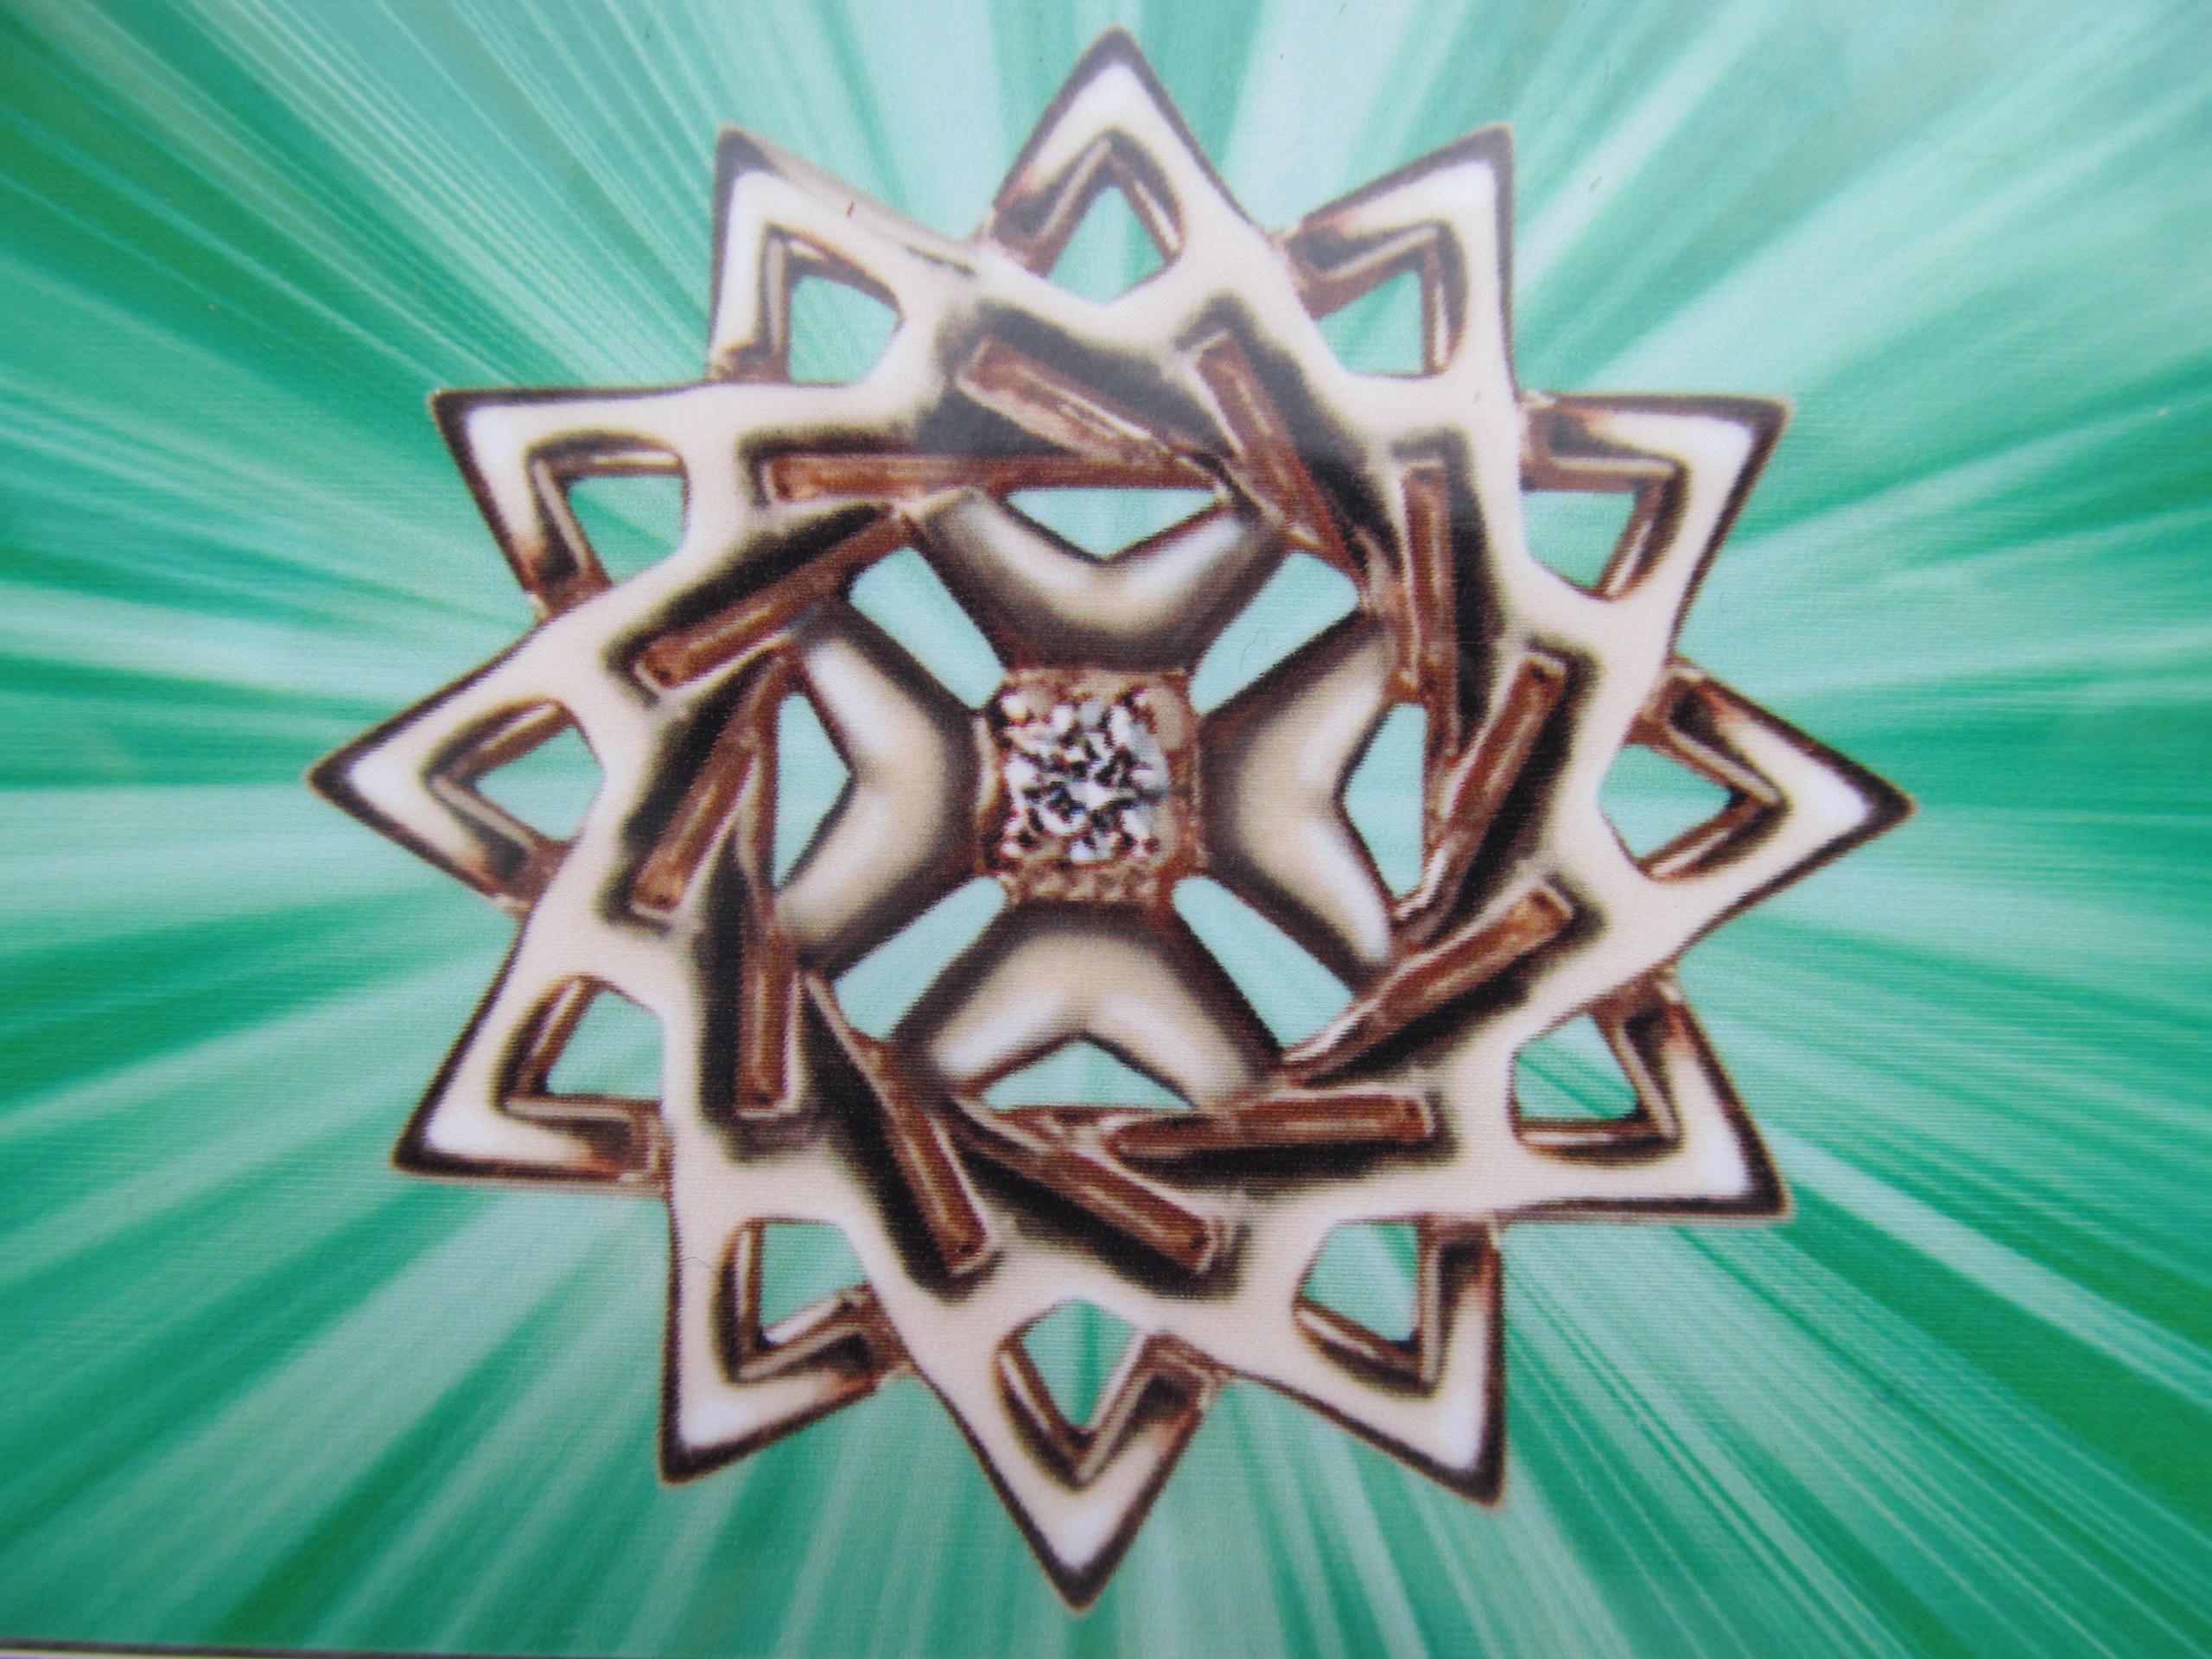 Звезда эрцгаммы вышивка фото 5